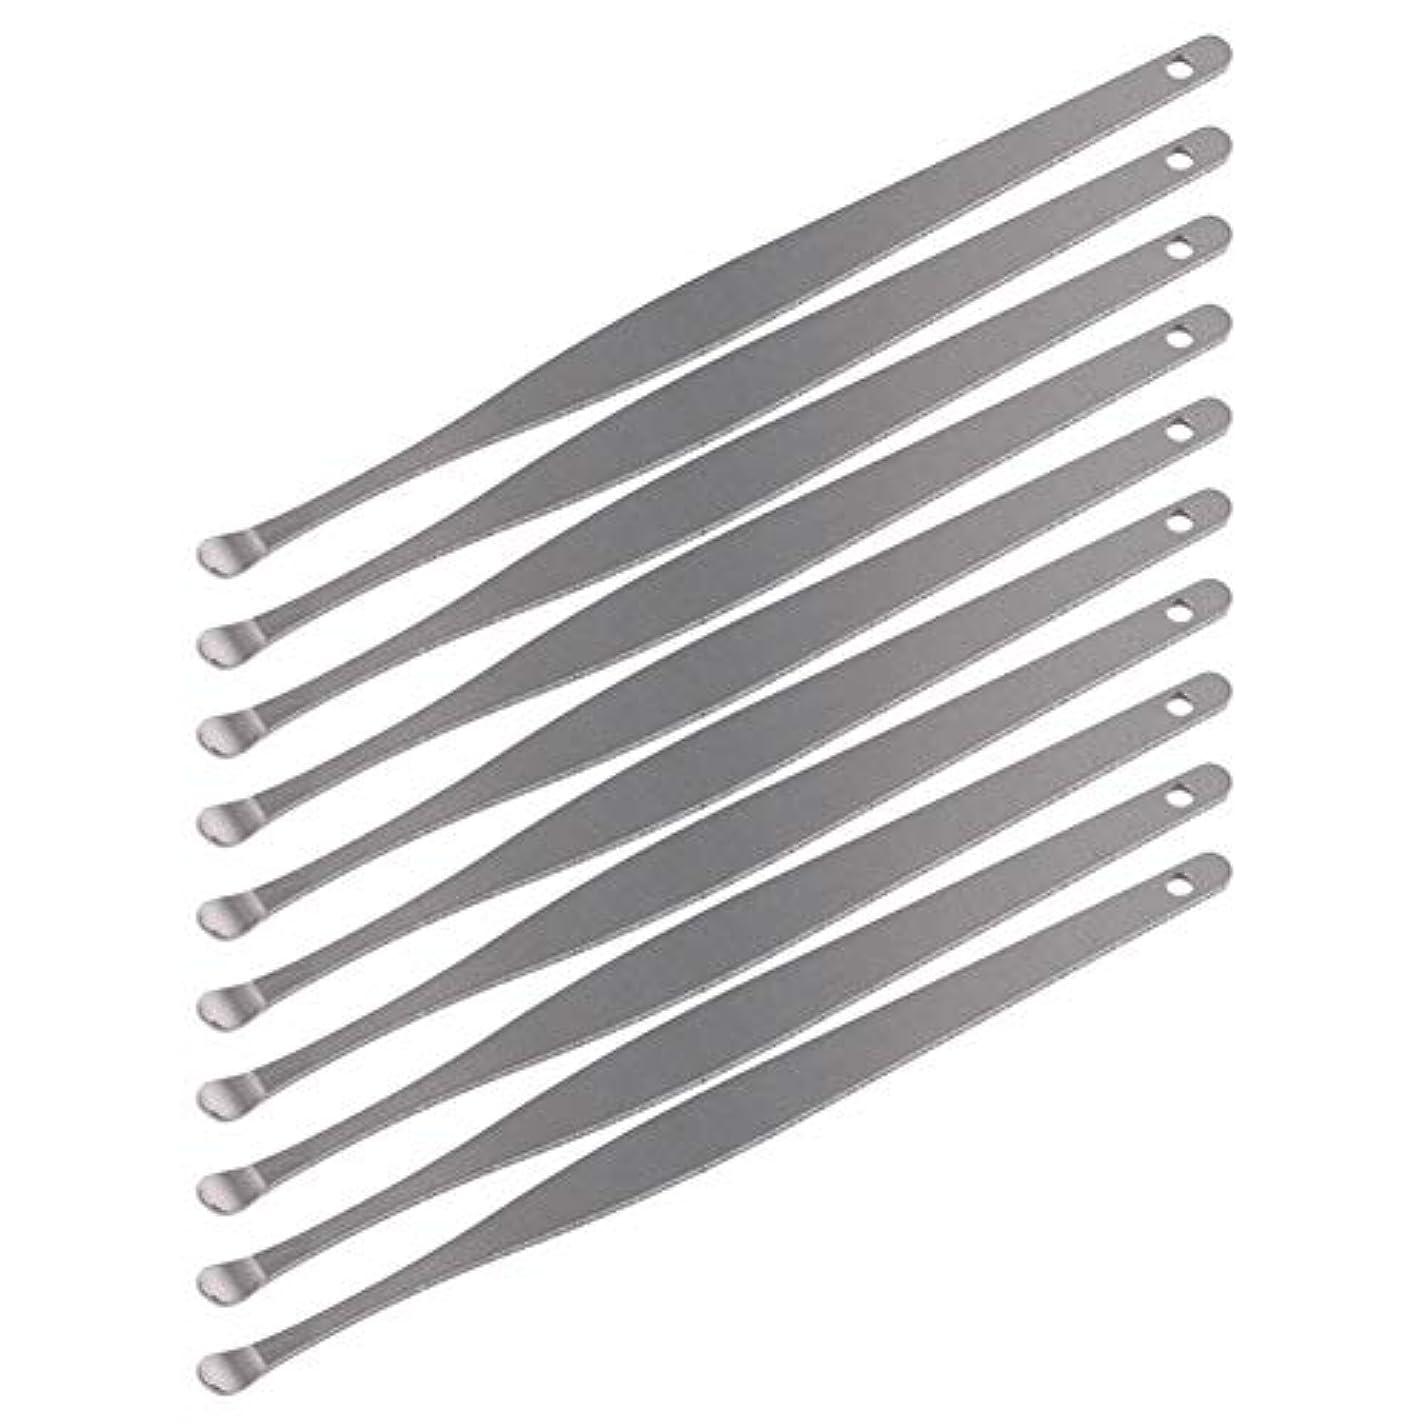 ZHQI-GH 3ピースステンレス鋼イヤーピックワックスクリーナーイヤーピックカレットリムーバーイヤーワックス取り外しイヤーケアツール28 (色 : Silver)